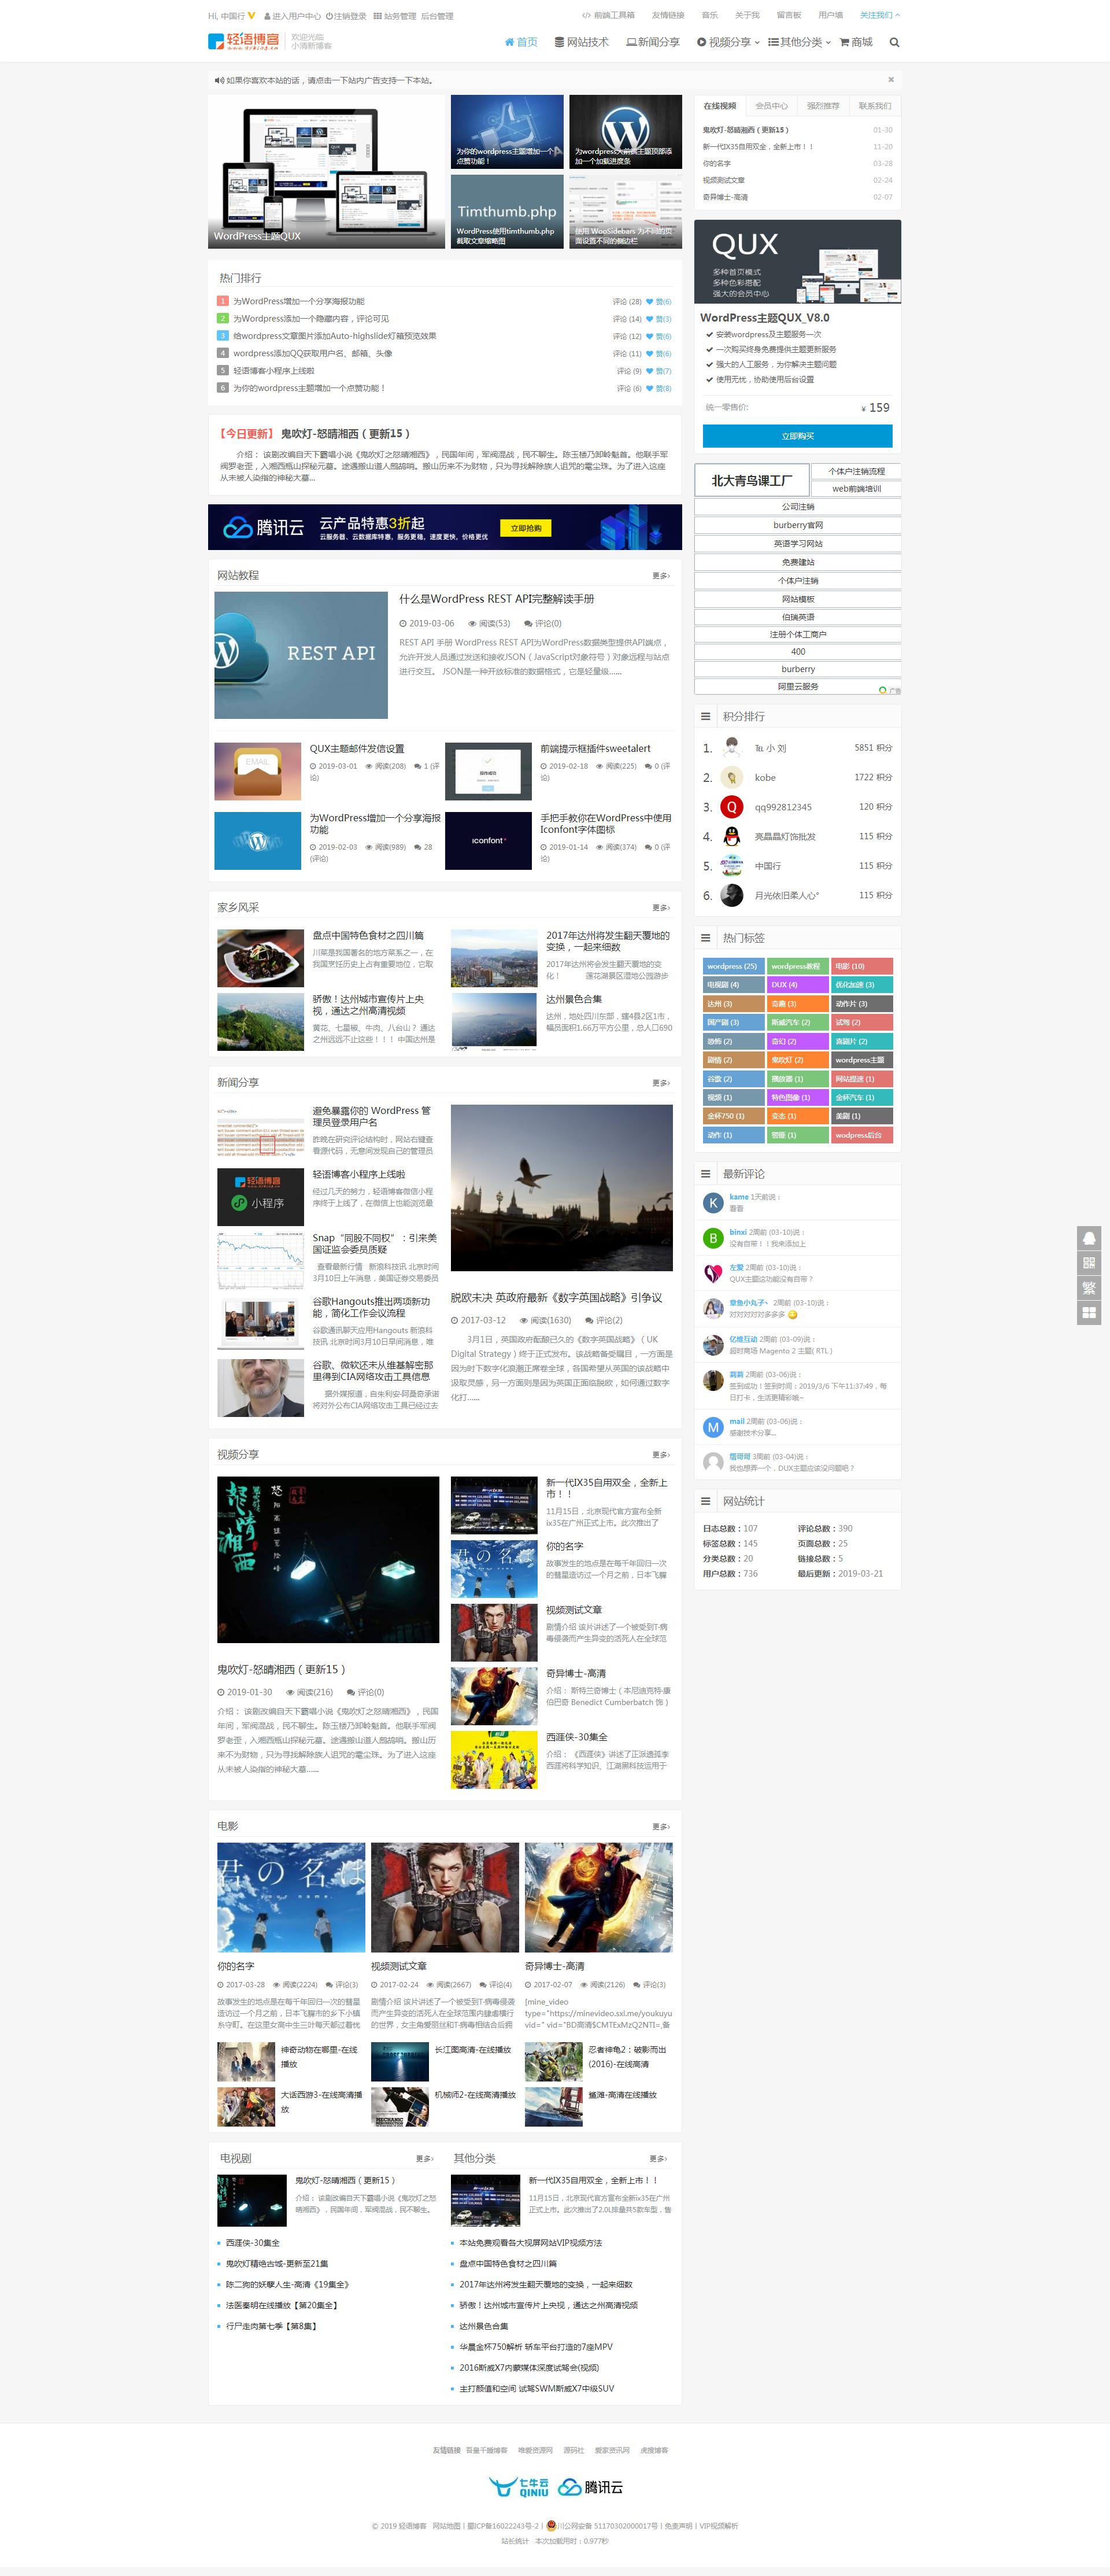 [亲测]WordPress主题QUX9.1.6最新去授权开心完美版 第1张